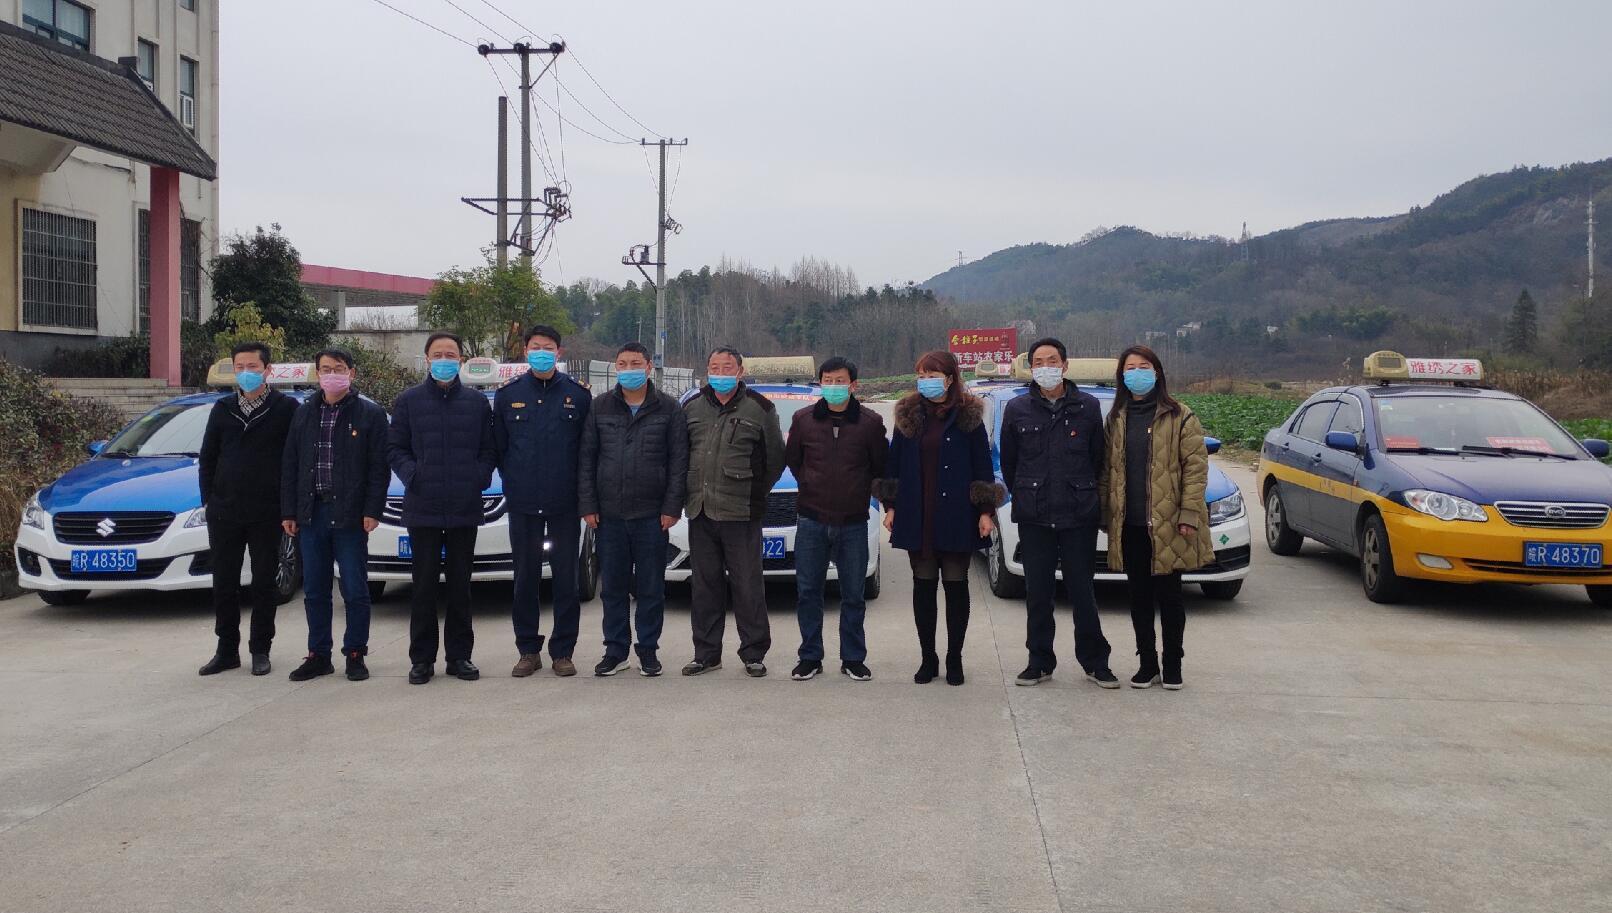 青阳巡游出租车成立应急志愿者服务车队